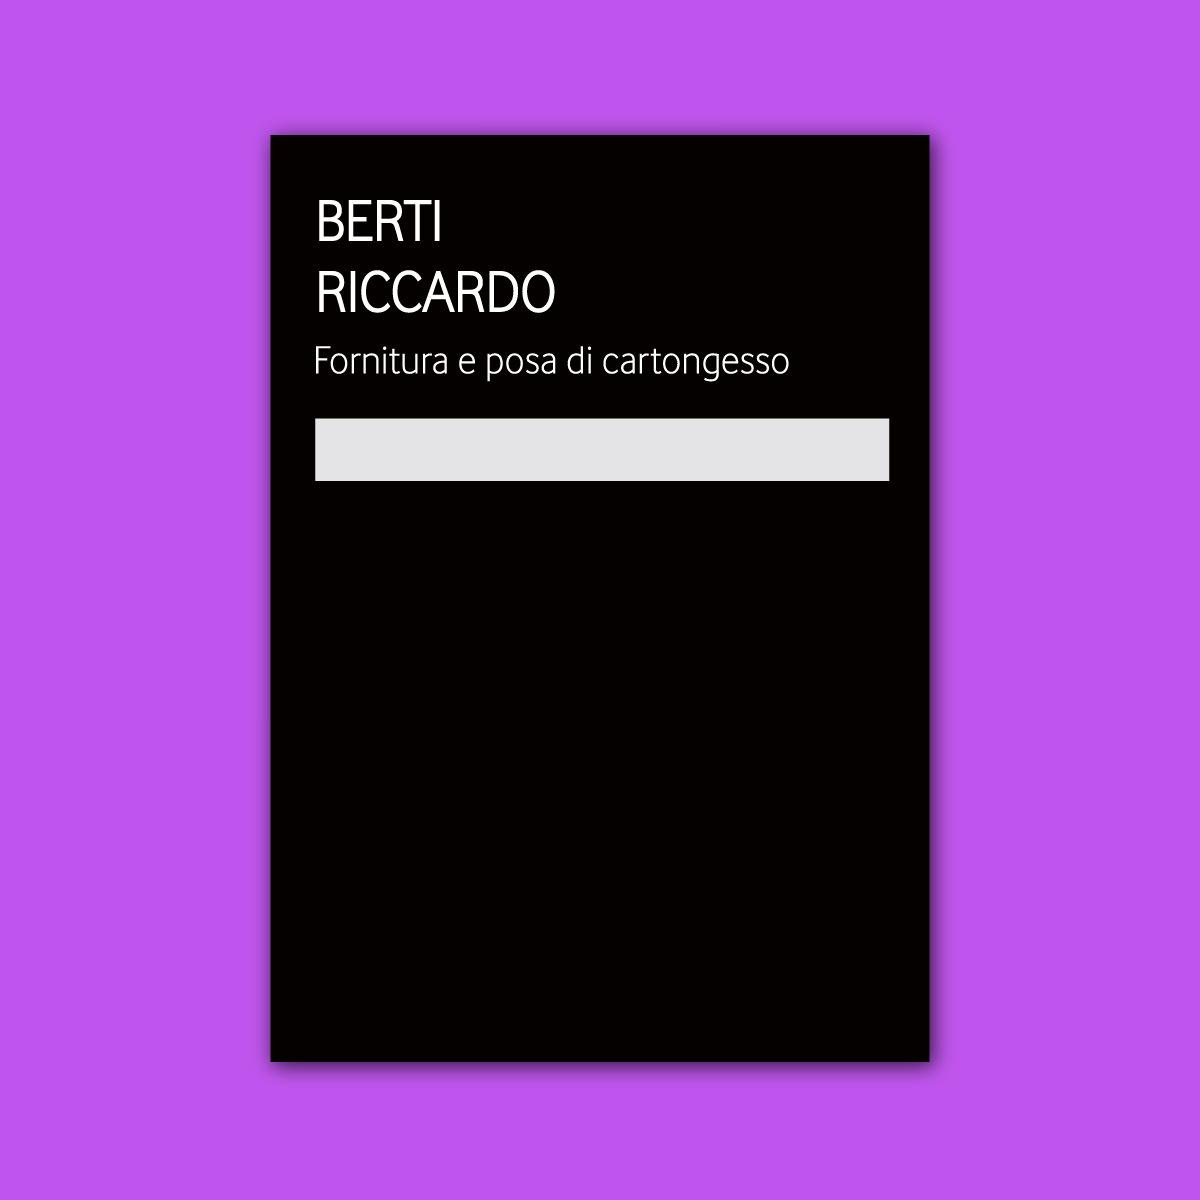 Copertina della brochure di Berti Riccardo